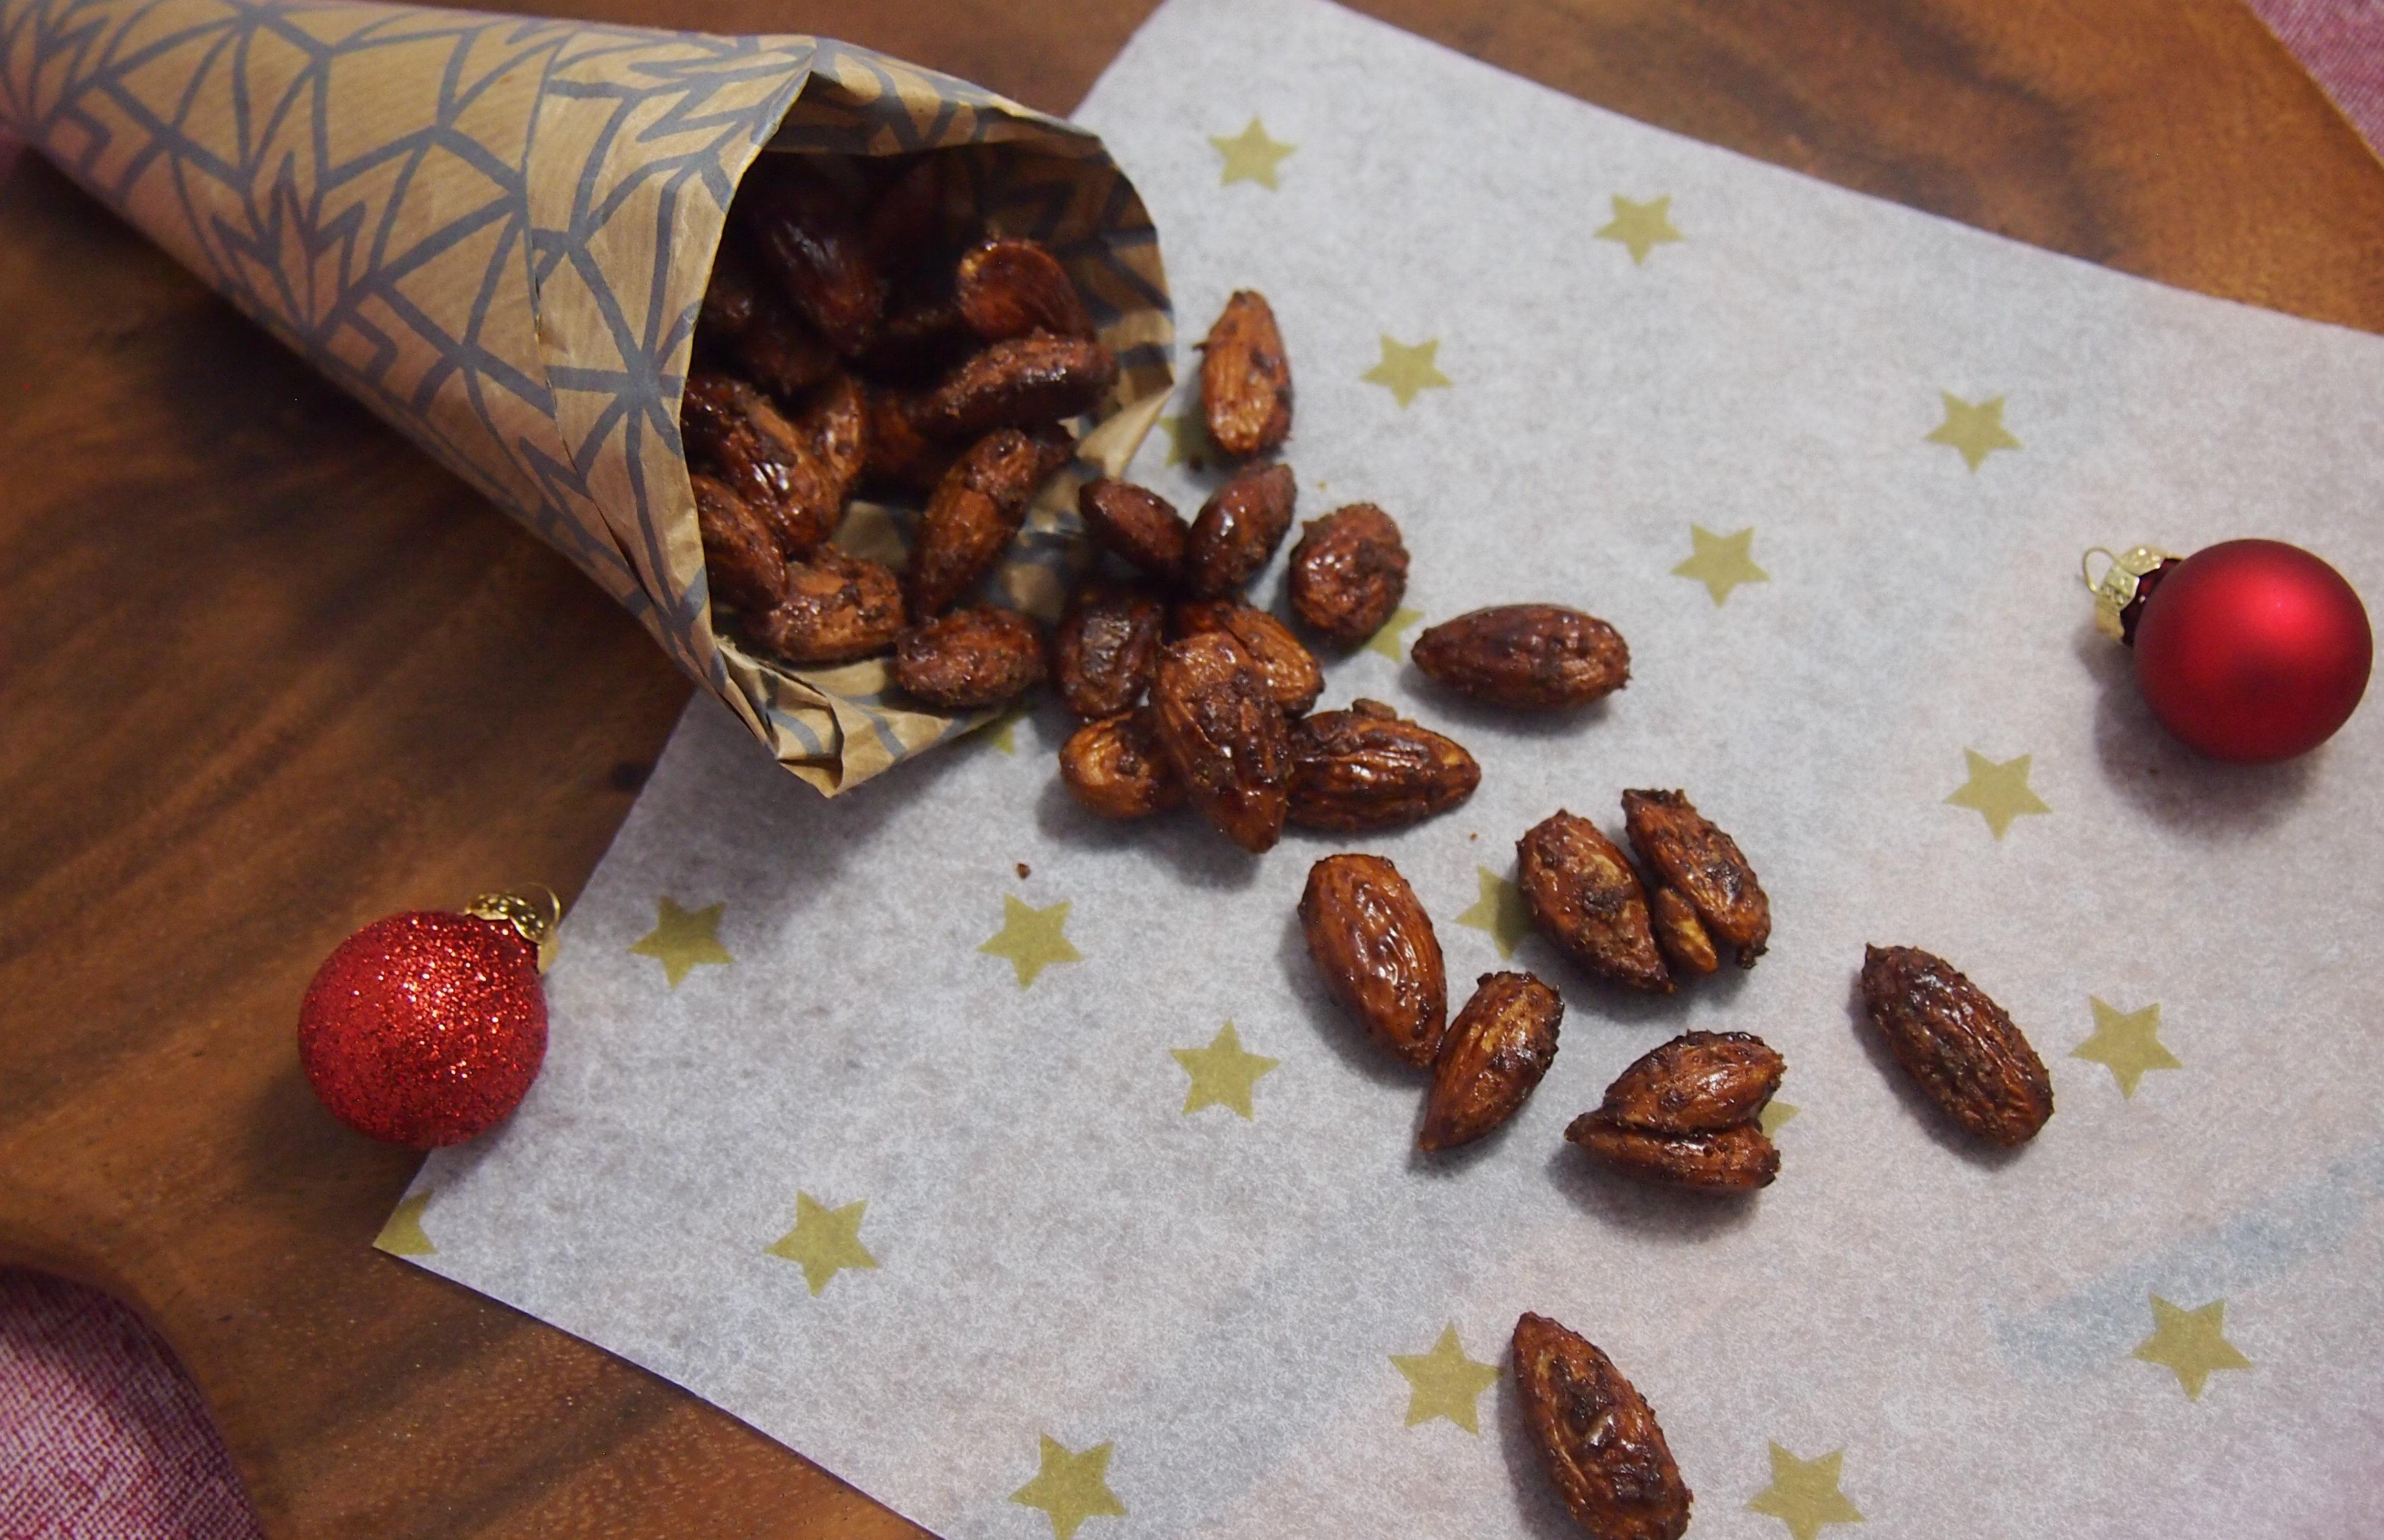 Gebrannte Mandeln ohne raffinierten Zucker mit Kokosblütenzucker